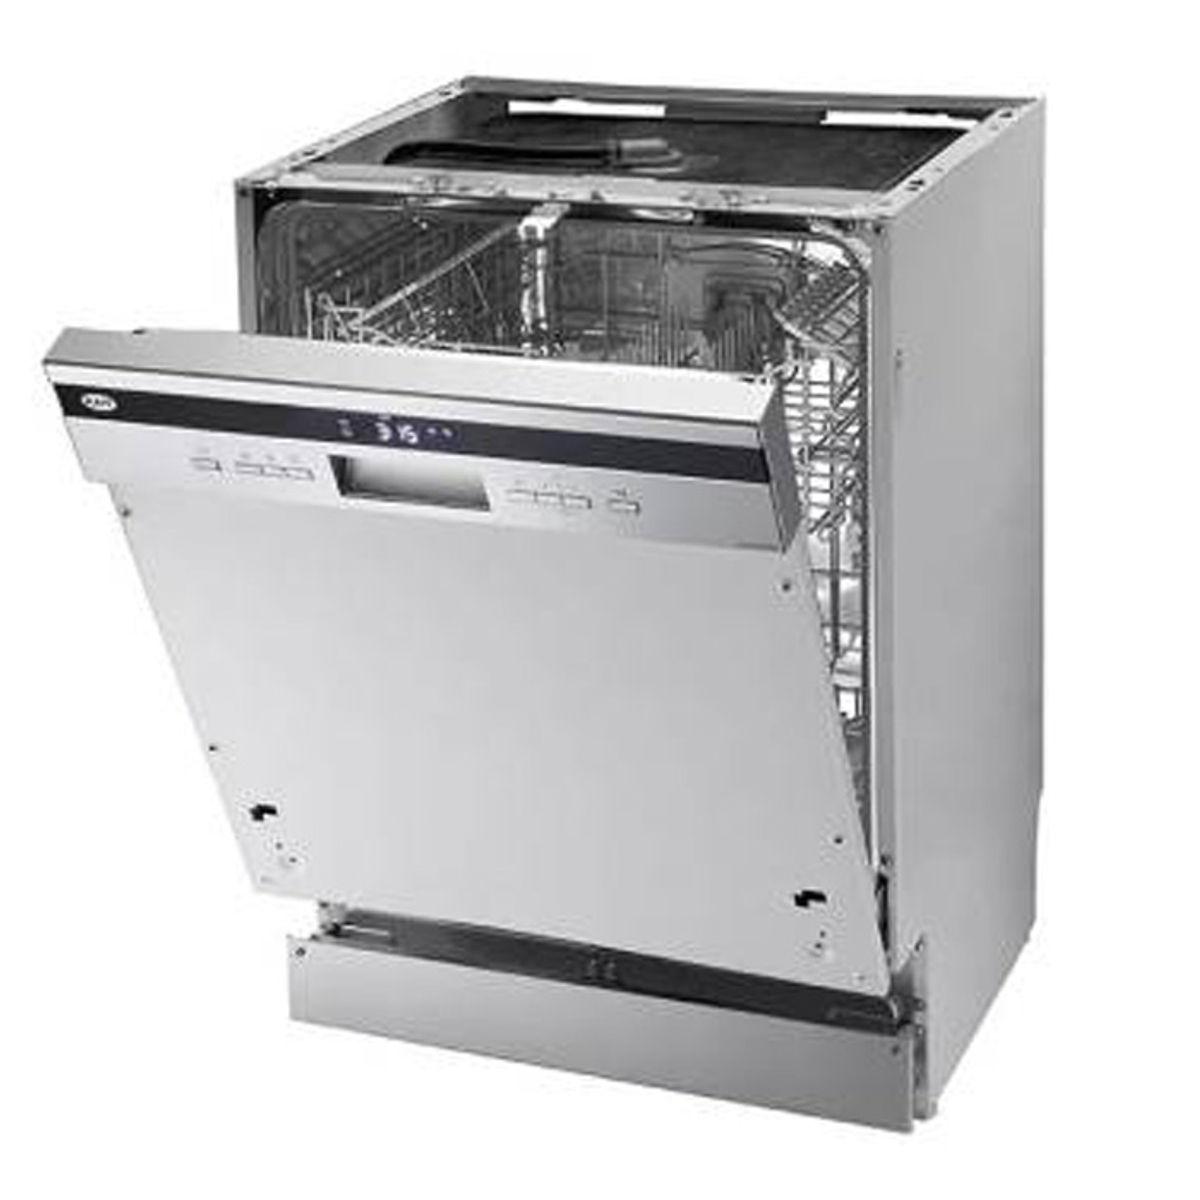 Kaff KDW BIN 60 Dishwasher